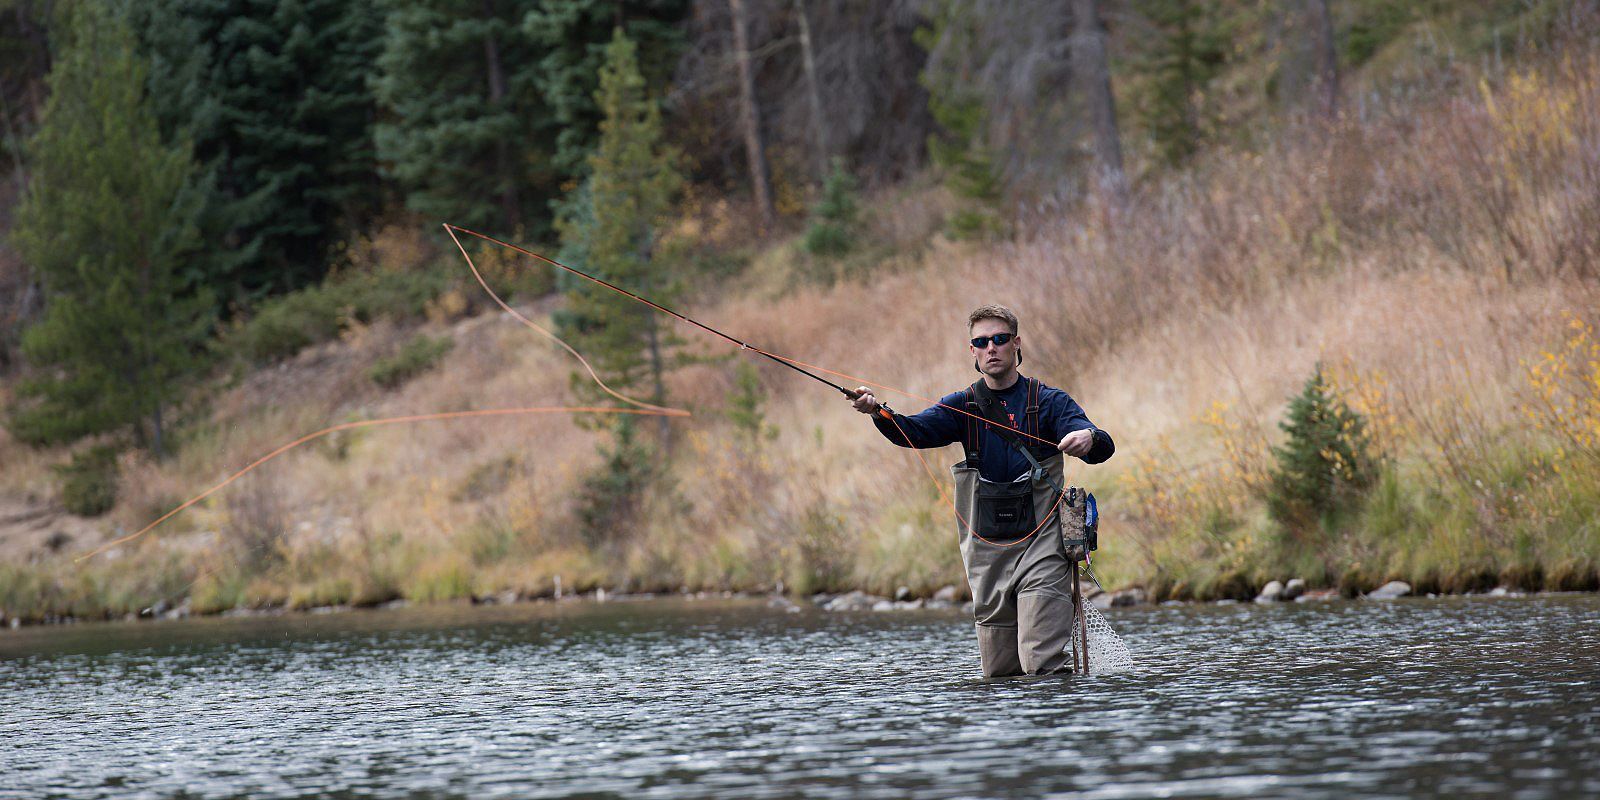 Man enjoying fishing